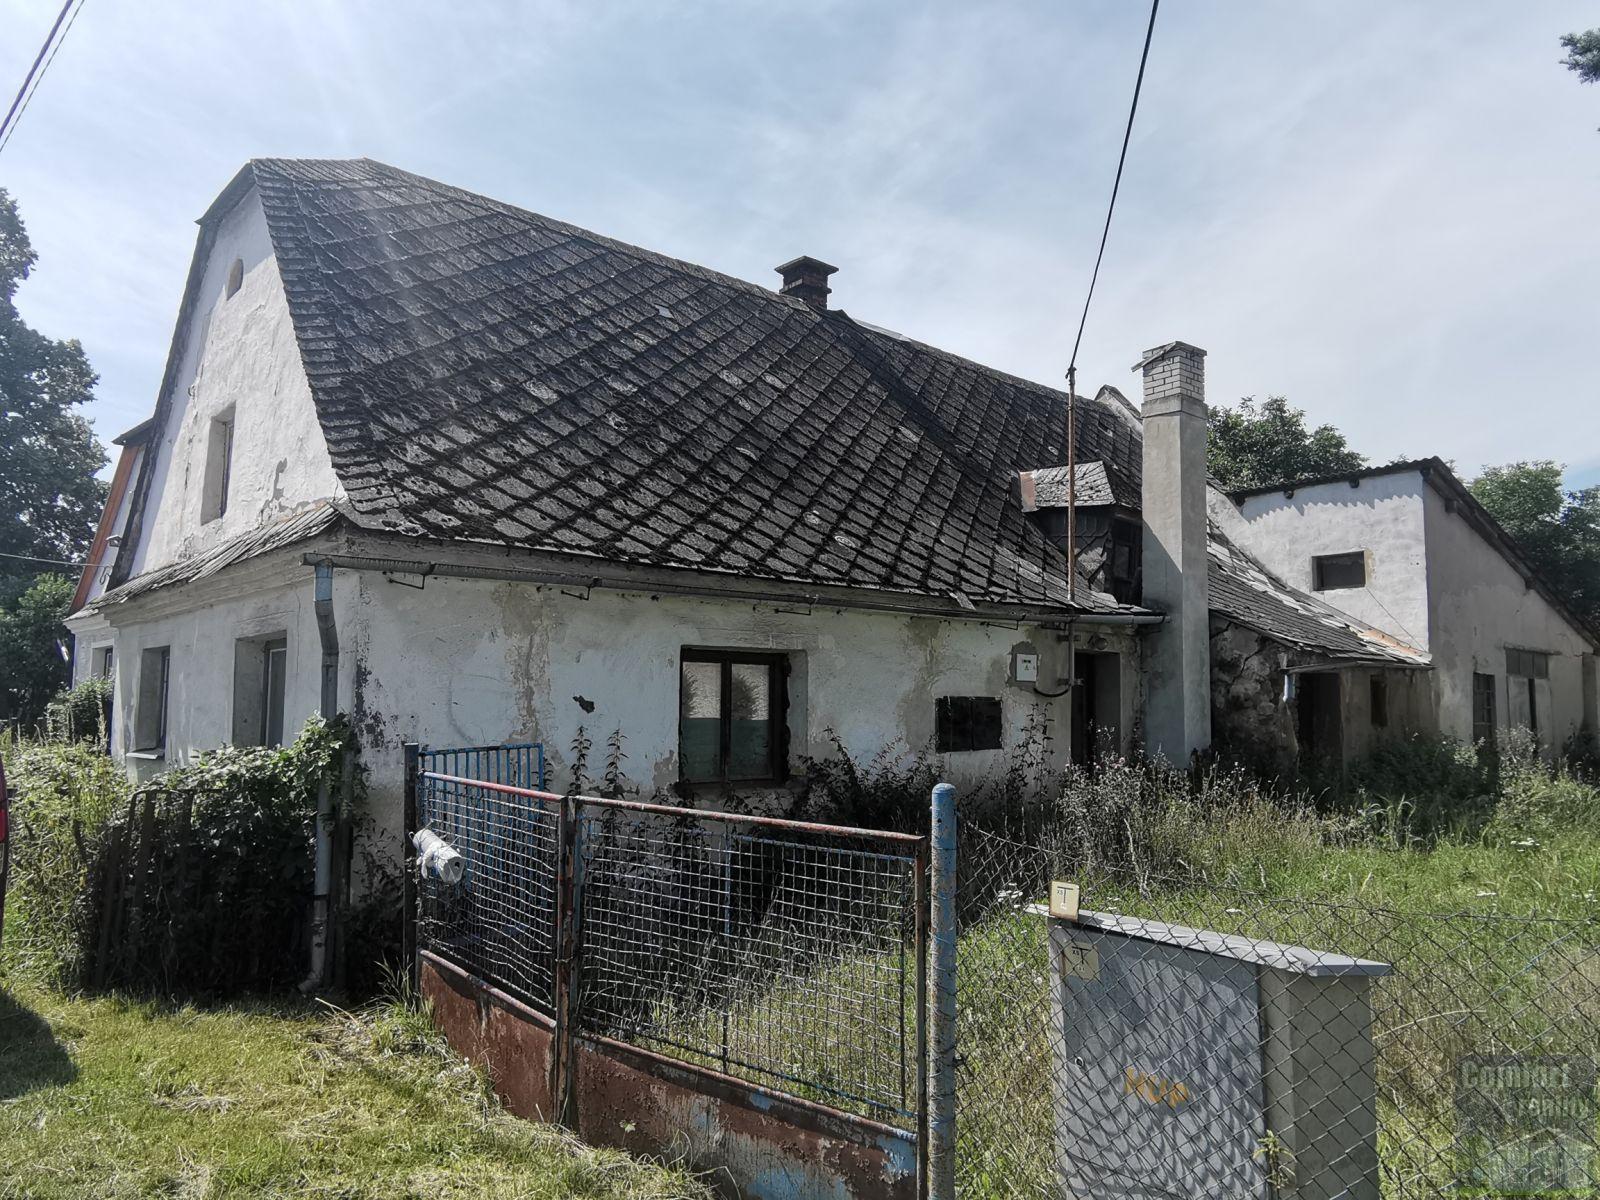 Prodej rodinného domu 2+1 se stodolou, okr. Bruntál, Horní Benešov, Luhy